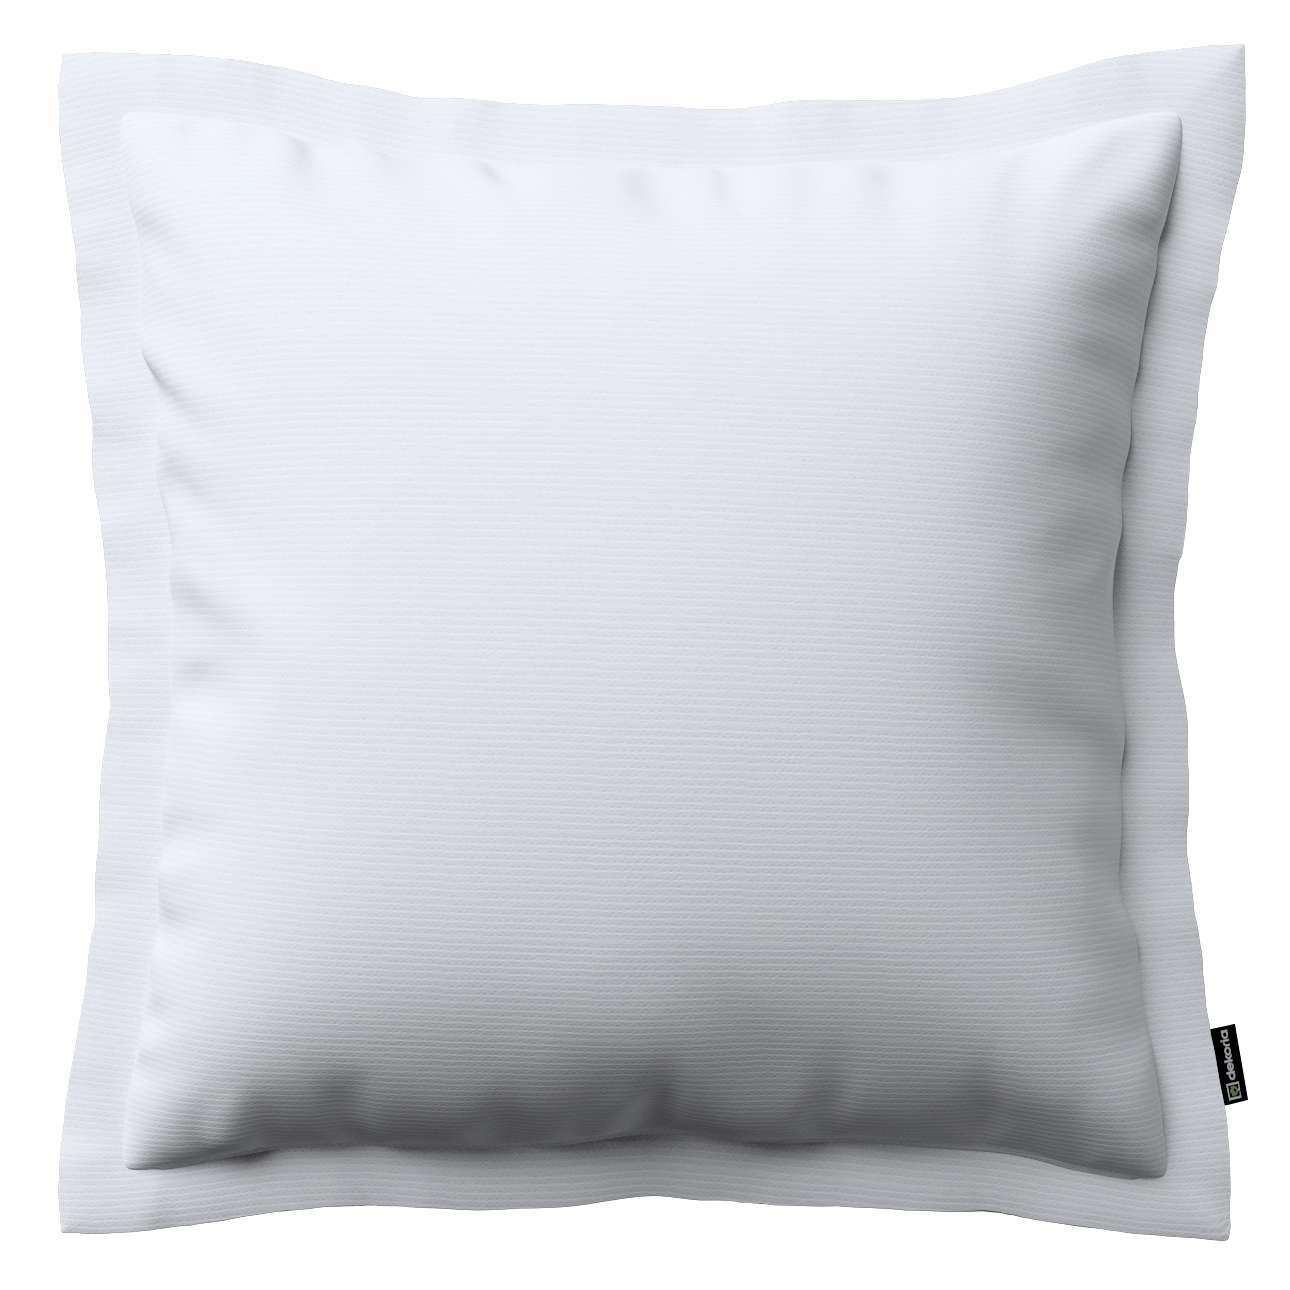 Mona dekoratyvinių pagalvėlių užvalkalas su sienele 38 x 38 cm kolekcijoje Jupiter, audinys: 127-01